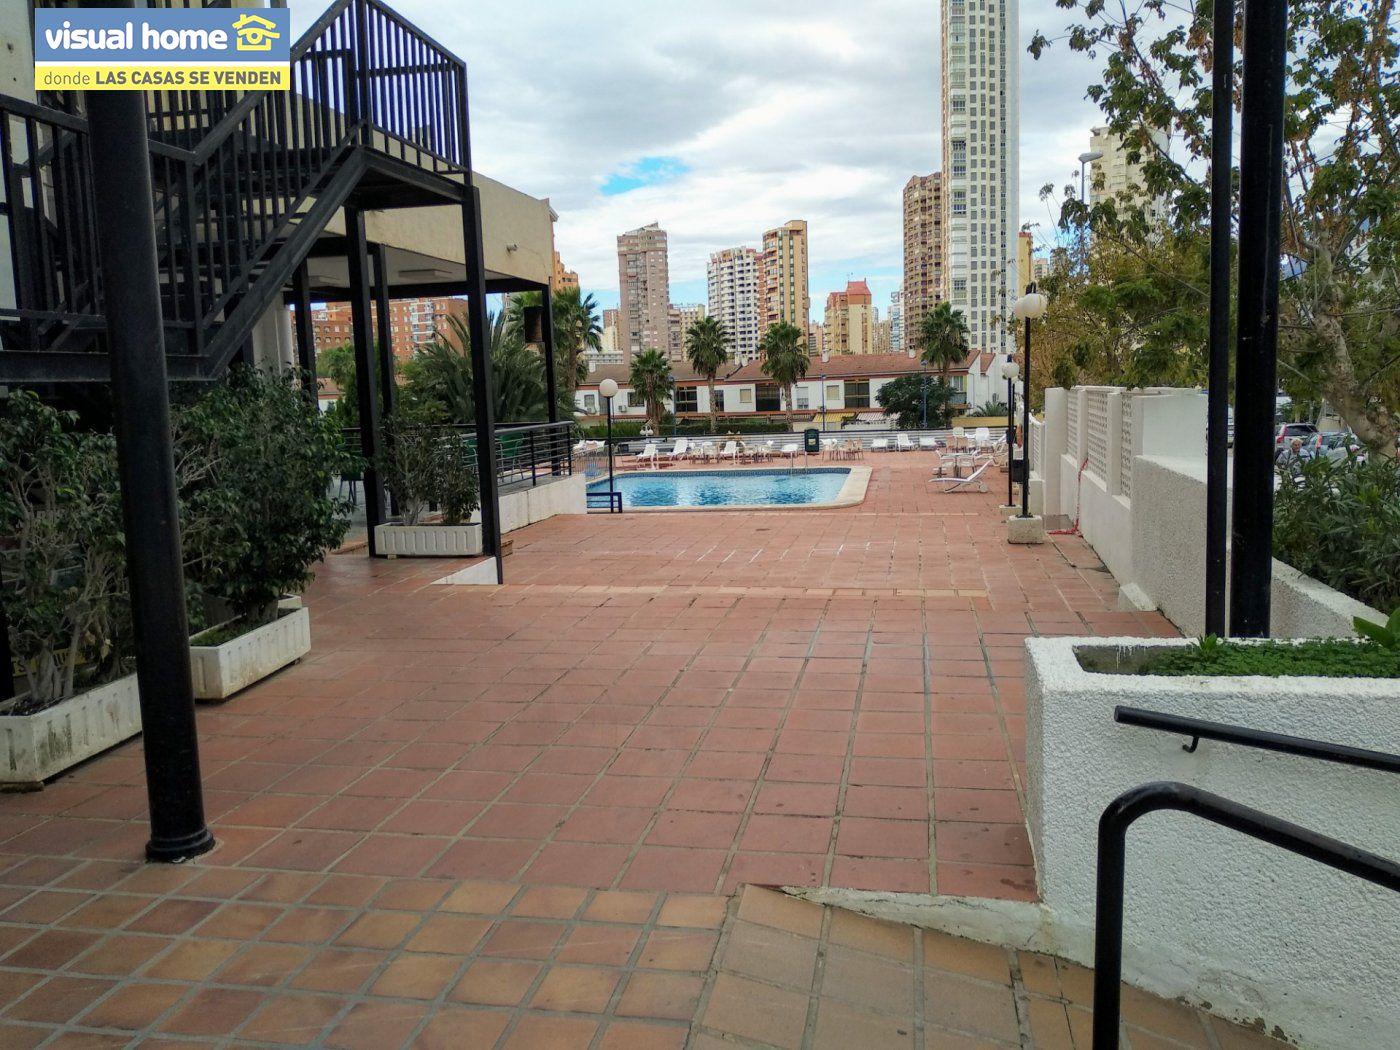 Apartamento de un dormitorio con parking y piscina en Rincón de Loix llano 23